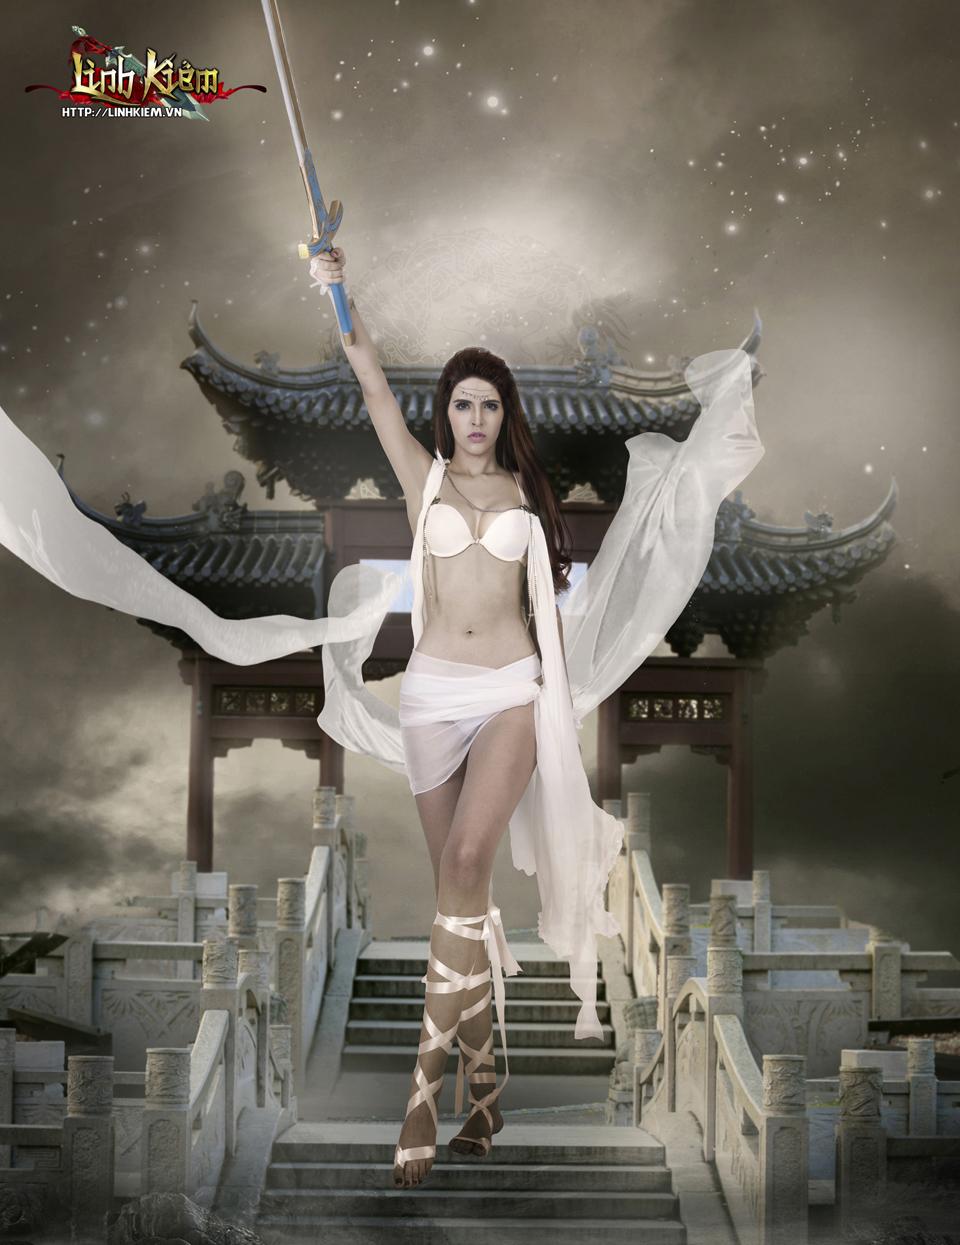 Andrea Aybar cực sexy trong ảnh quảng bá Linh Kiếm 14